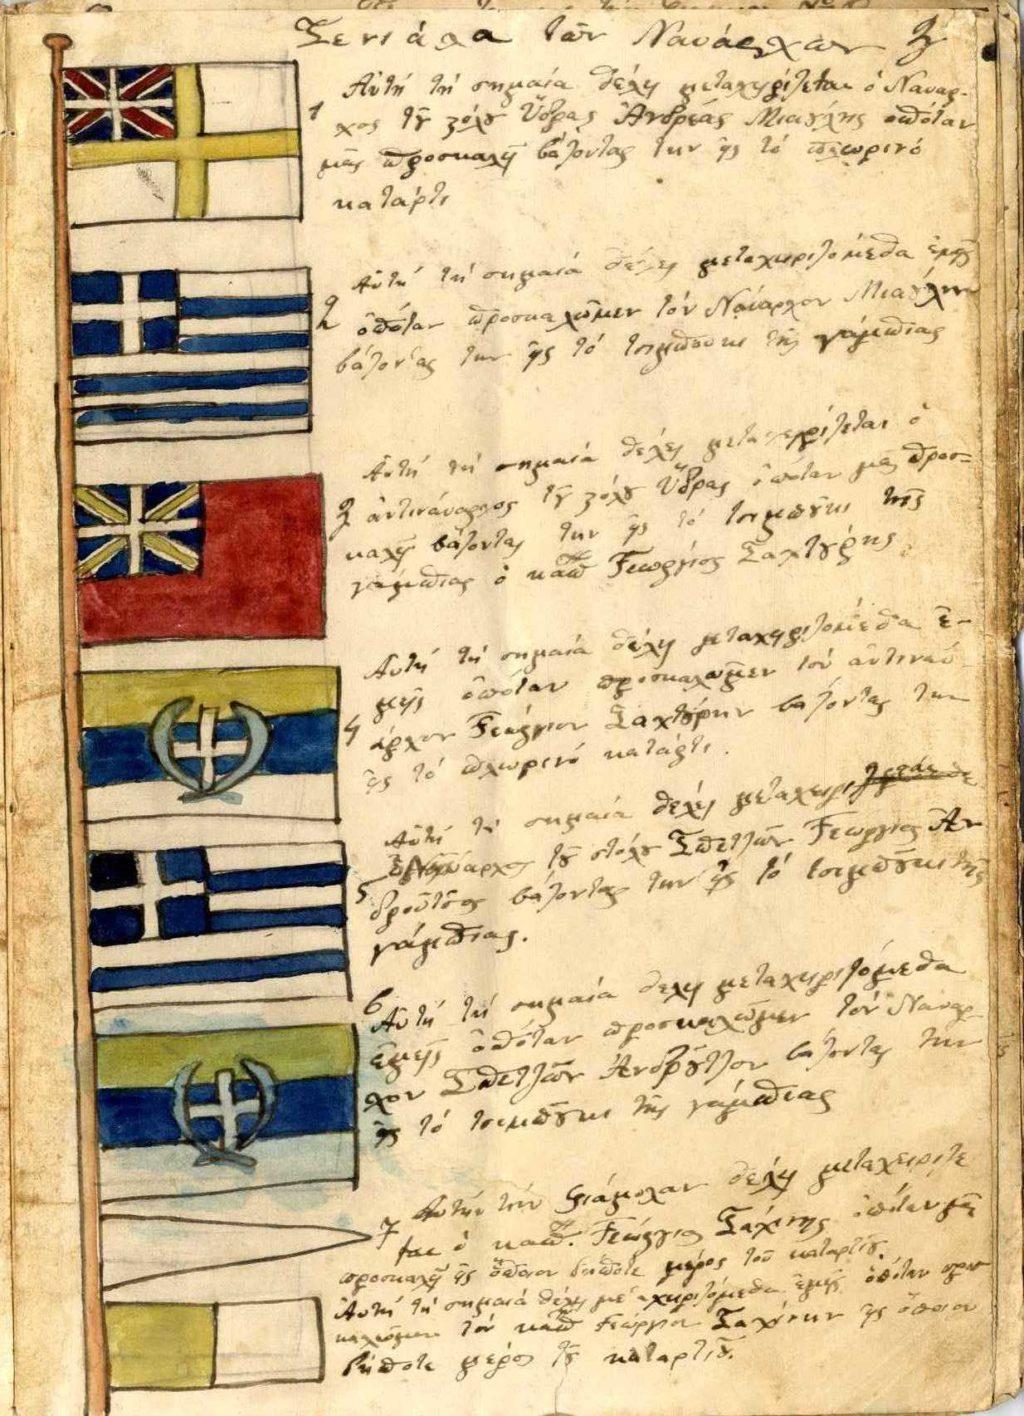 Τρέξε επάνω εις τα κύματα της φοβεράς θαλάσσης* 1821, o Αγώνας στη Θάλασσα. Η ελληνική ναυτιλία και η Επανάσταση